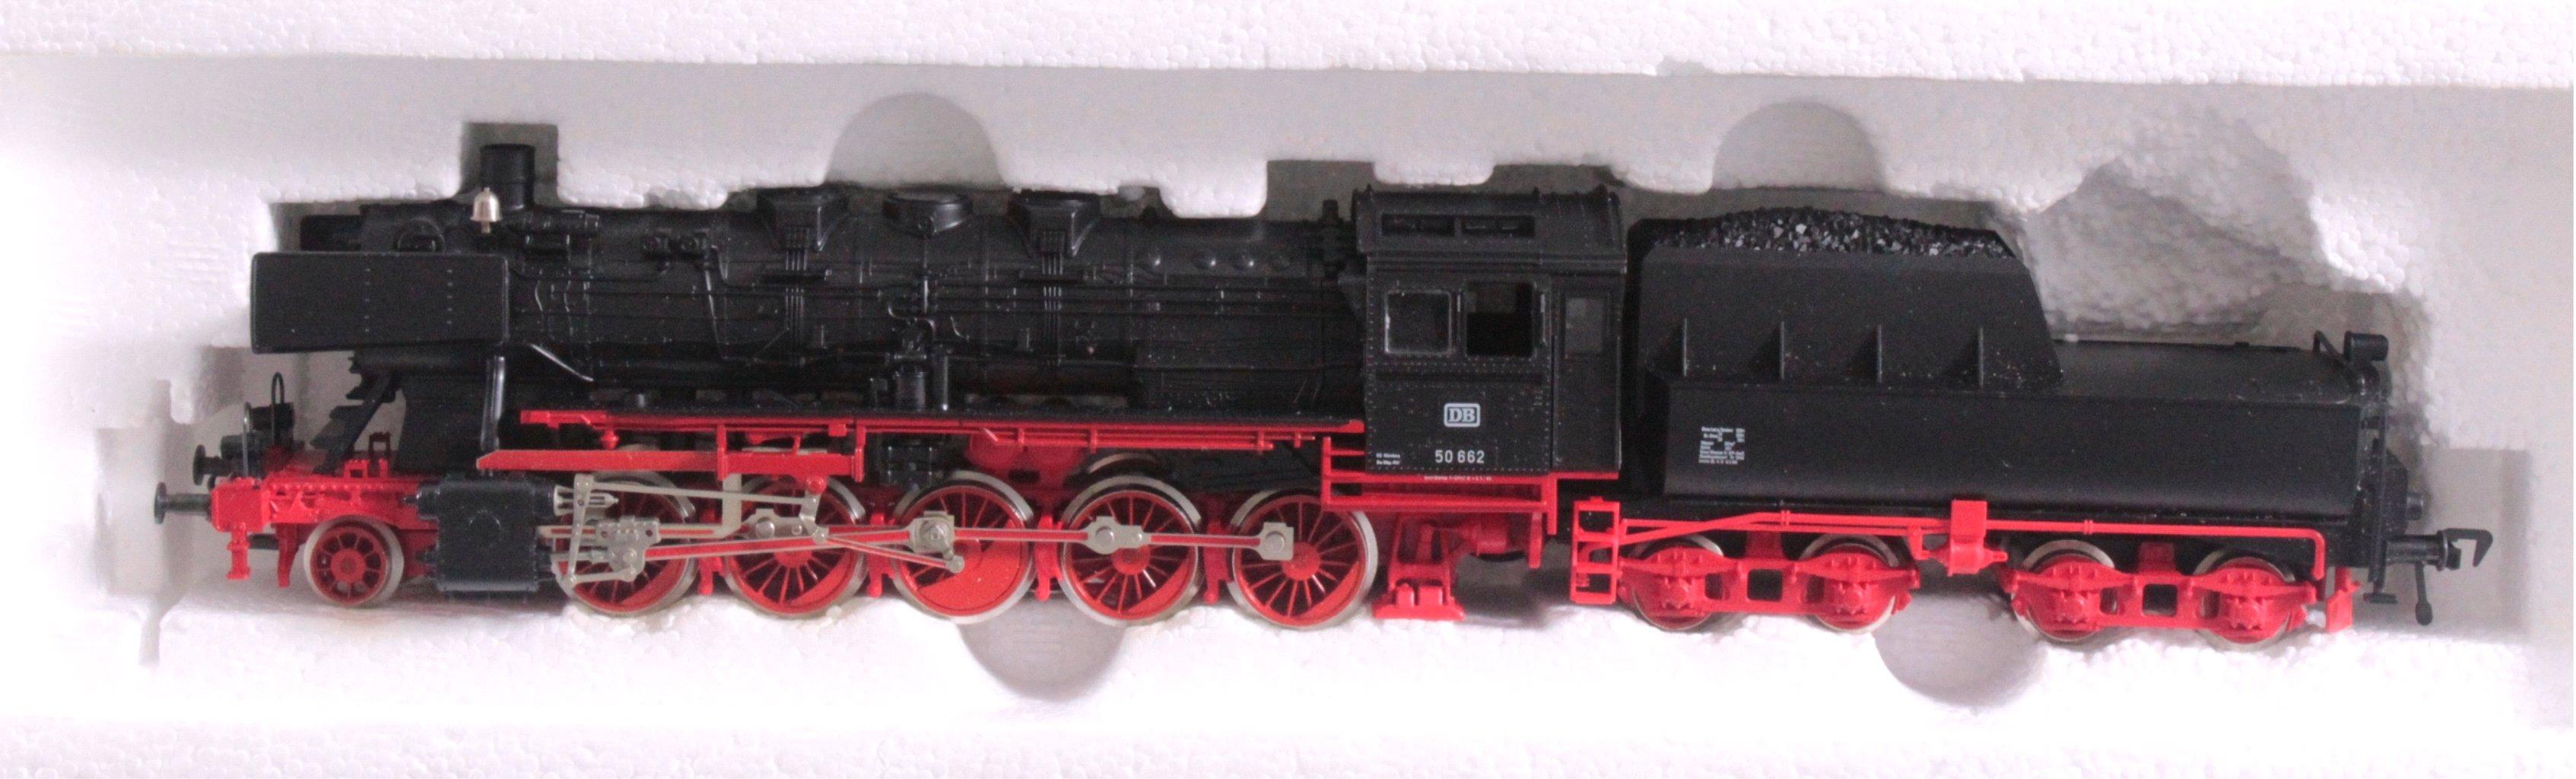 Fleischmann Dampflok mit Tender 4179 BR 50 662 Spur H0-1